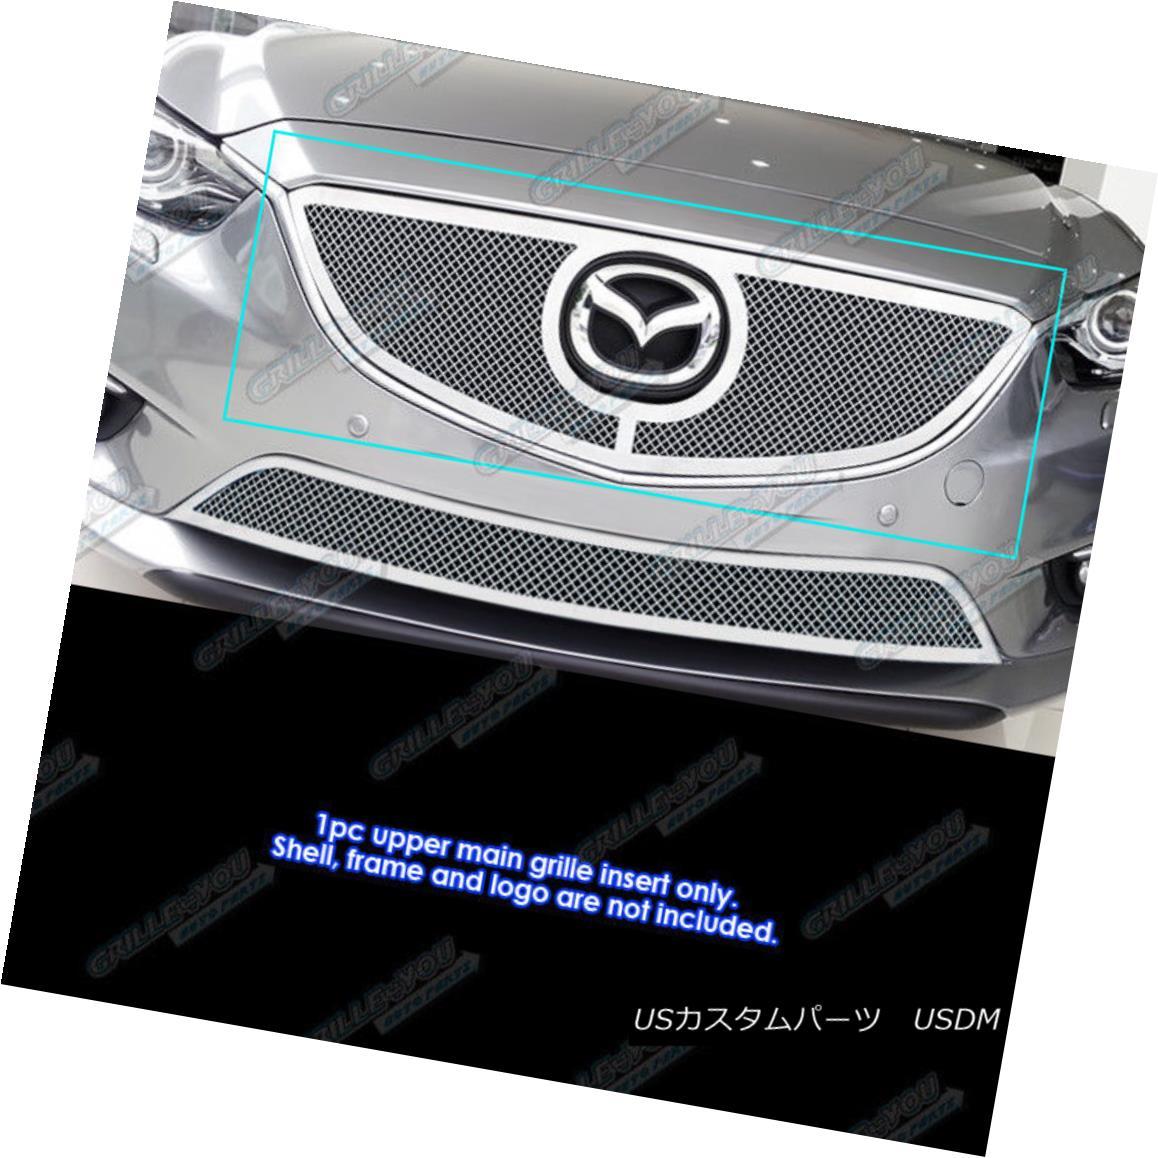 グリル Fits 2014-2016 Mazda 6 Stainless Mesh grille Insert フィット2014-2016マツダ6ステンレスメッシュグリルインサート